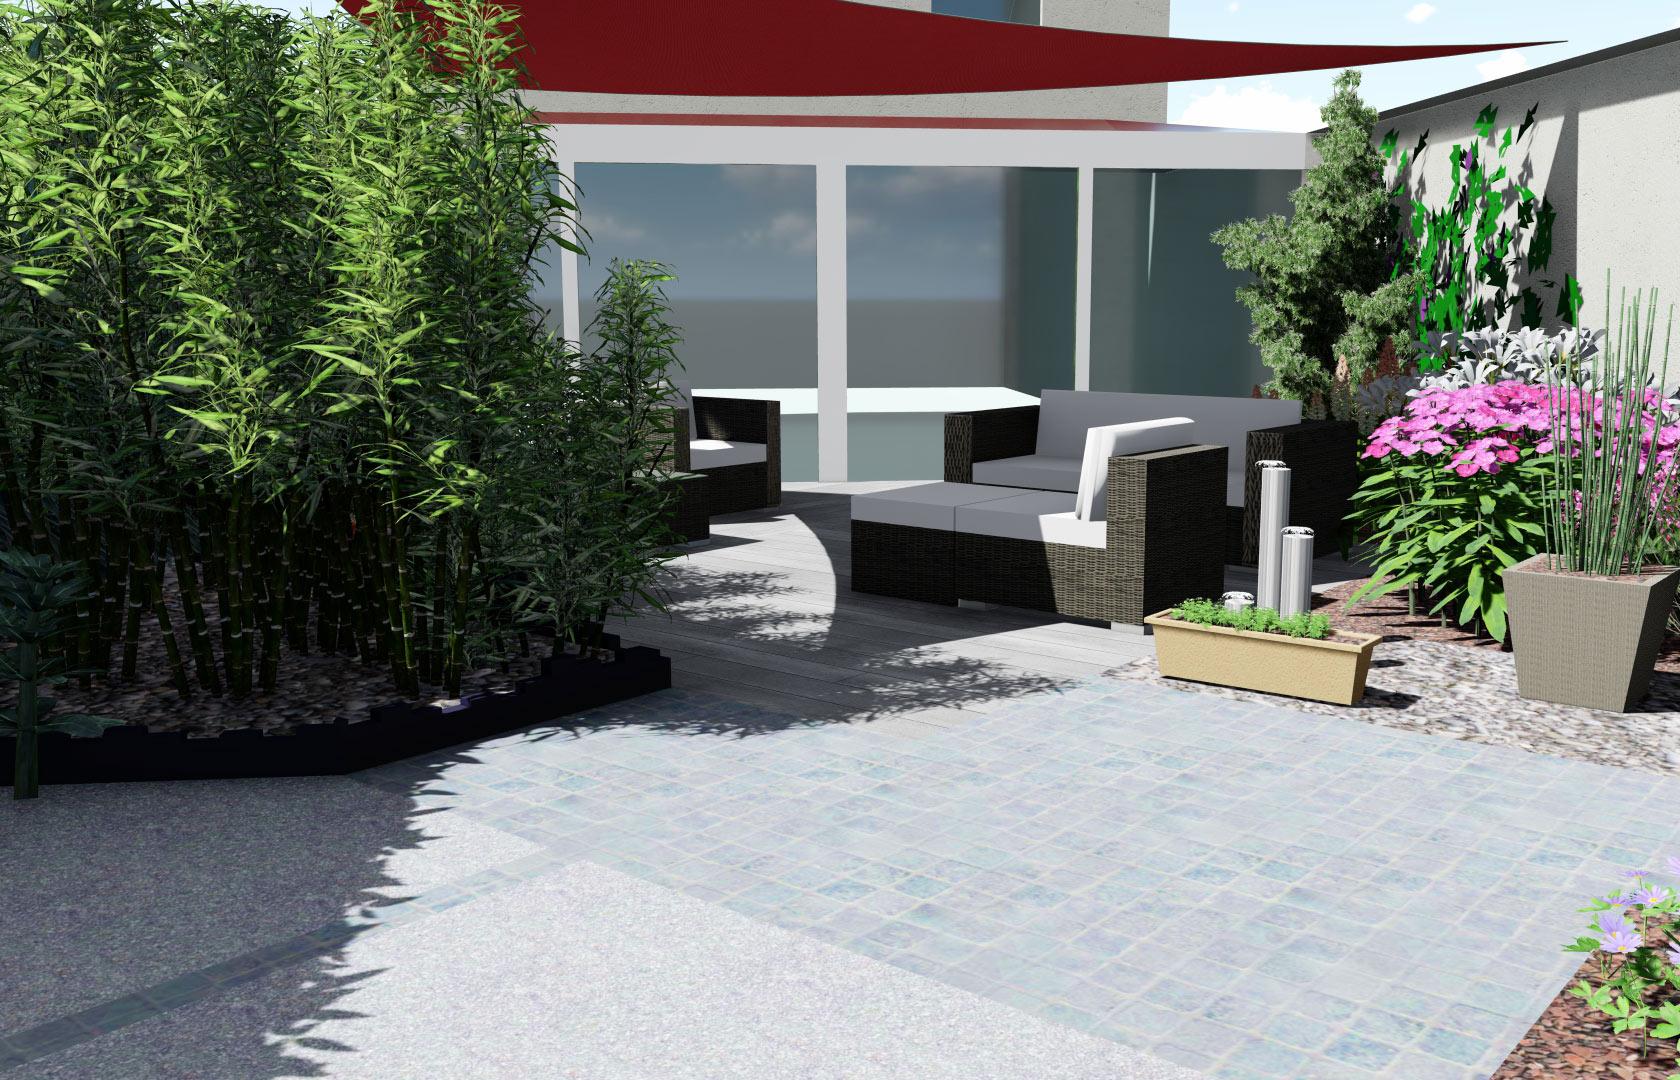 Entreprise du paysage spécialisée dans la création de jardin pour les particuliers.